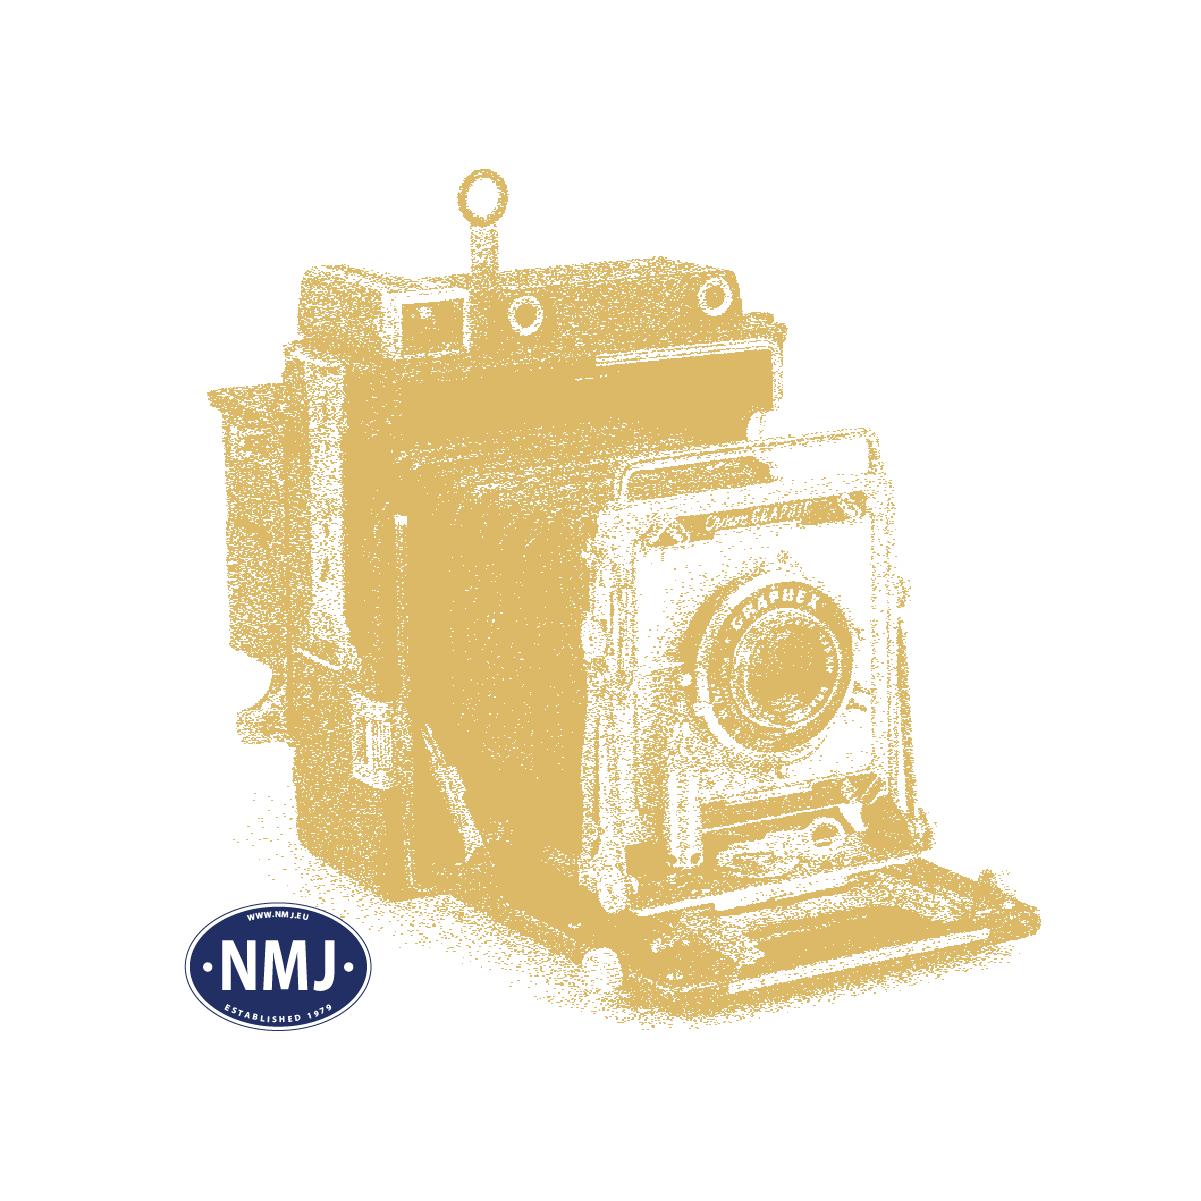 NMJT203.101 - NMJ Topline AB3.4949, 1/2 Kl Personenwagen der SJ, mit weissem SJ logo